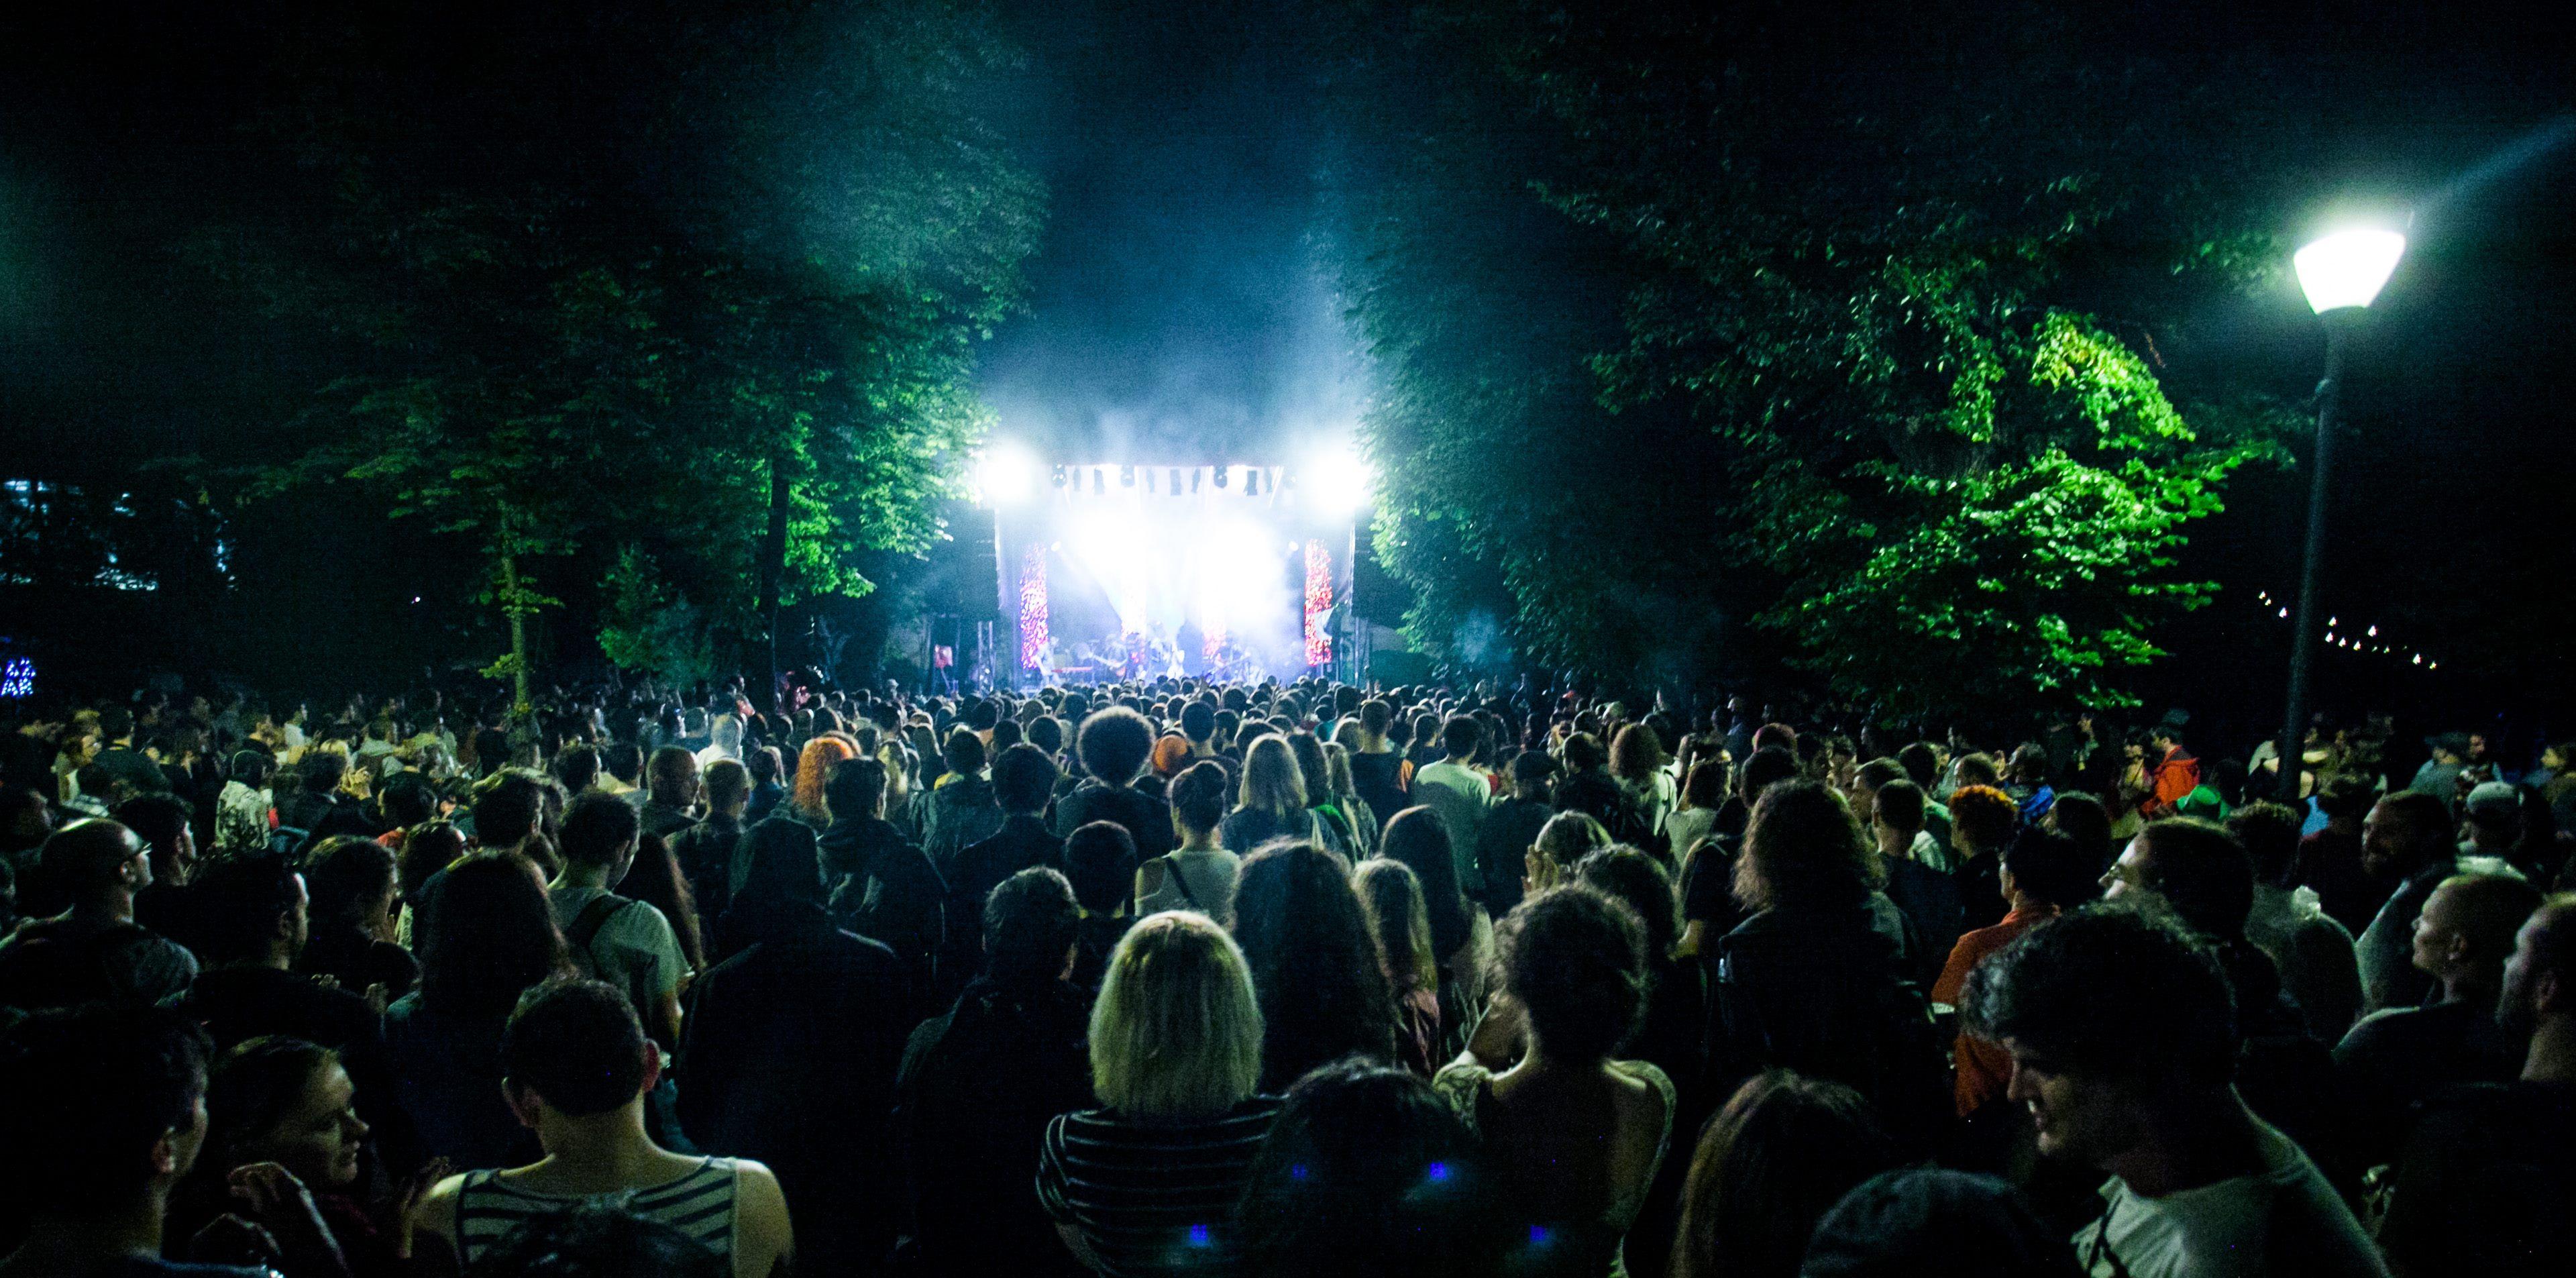 Azi începe Jazz in the Park! 11 zile de concerte şi voie bună în 7 locaţii din Cluj-Napoca